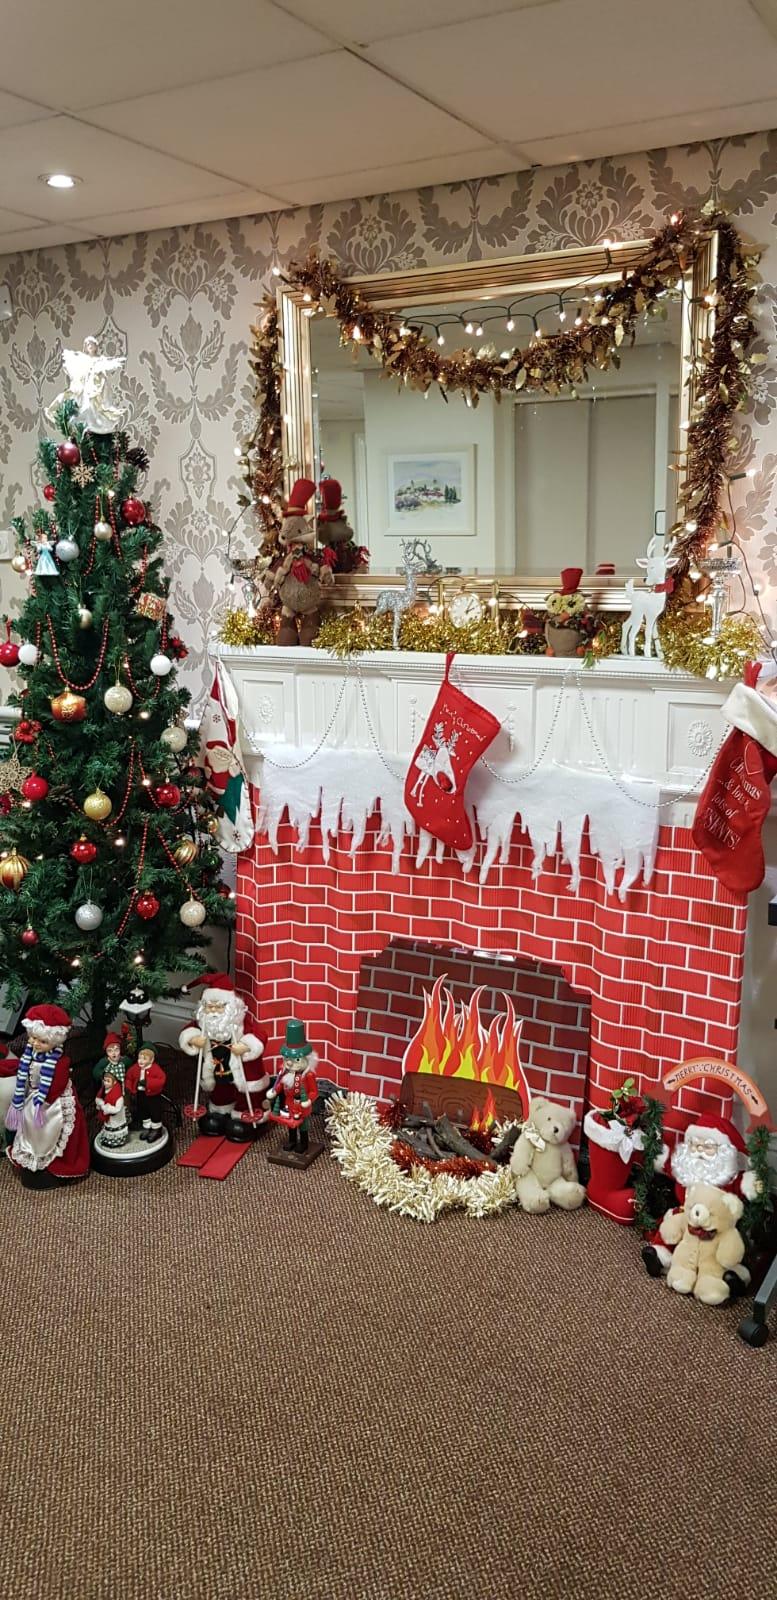 westoe fireplace.jpg